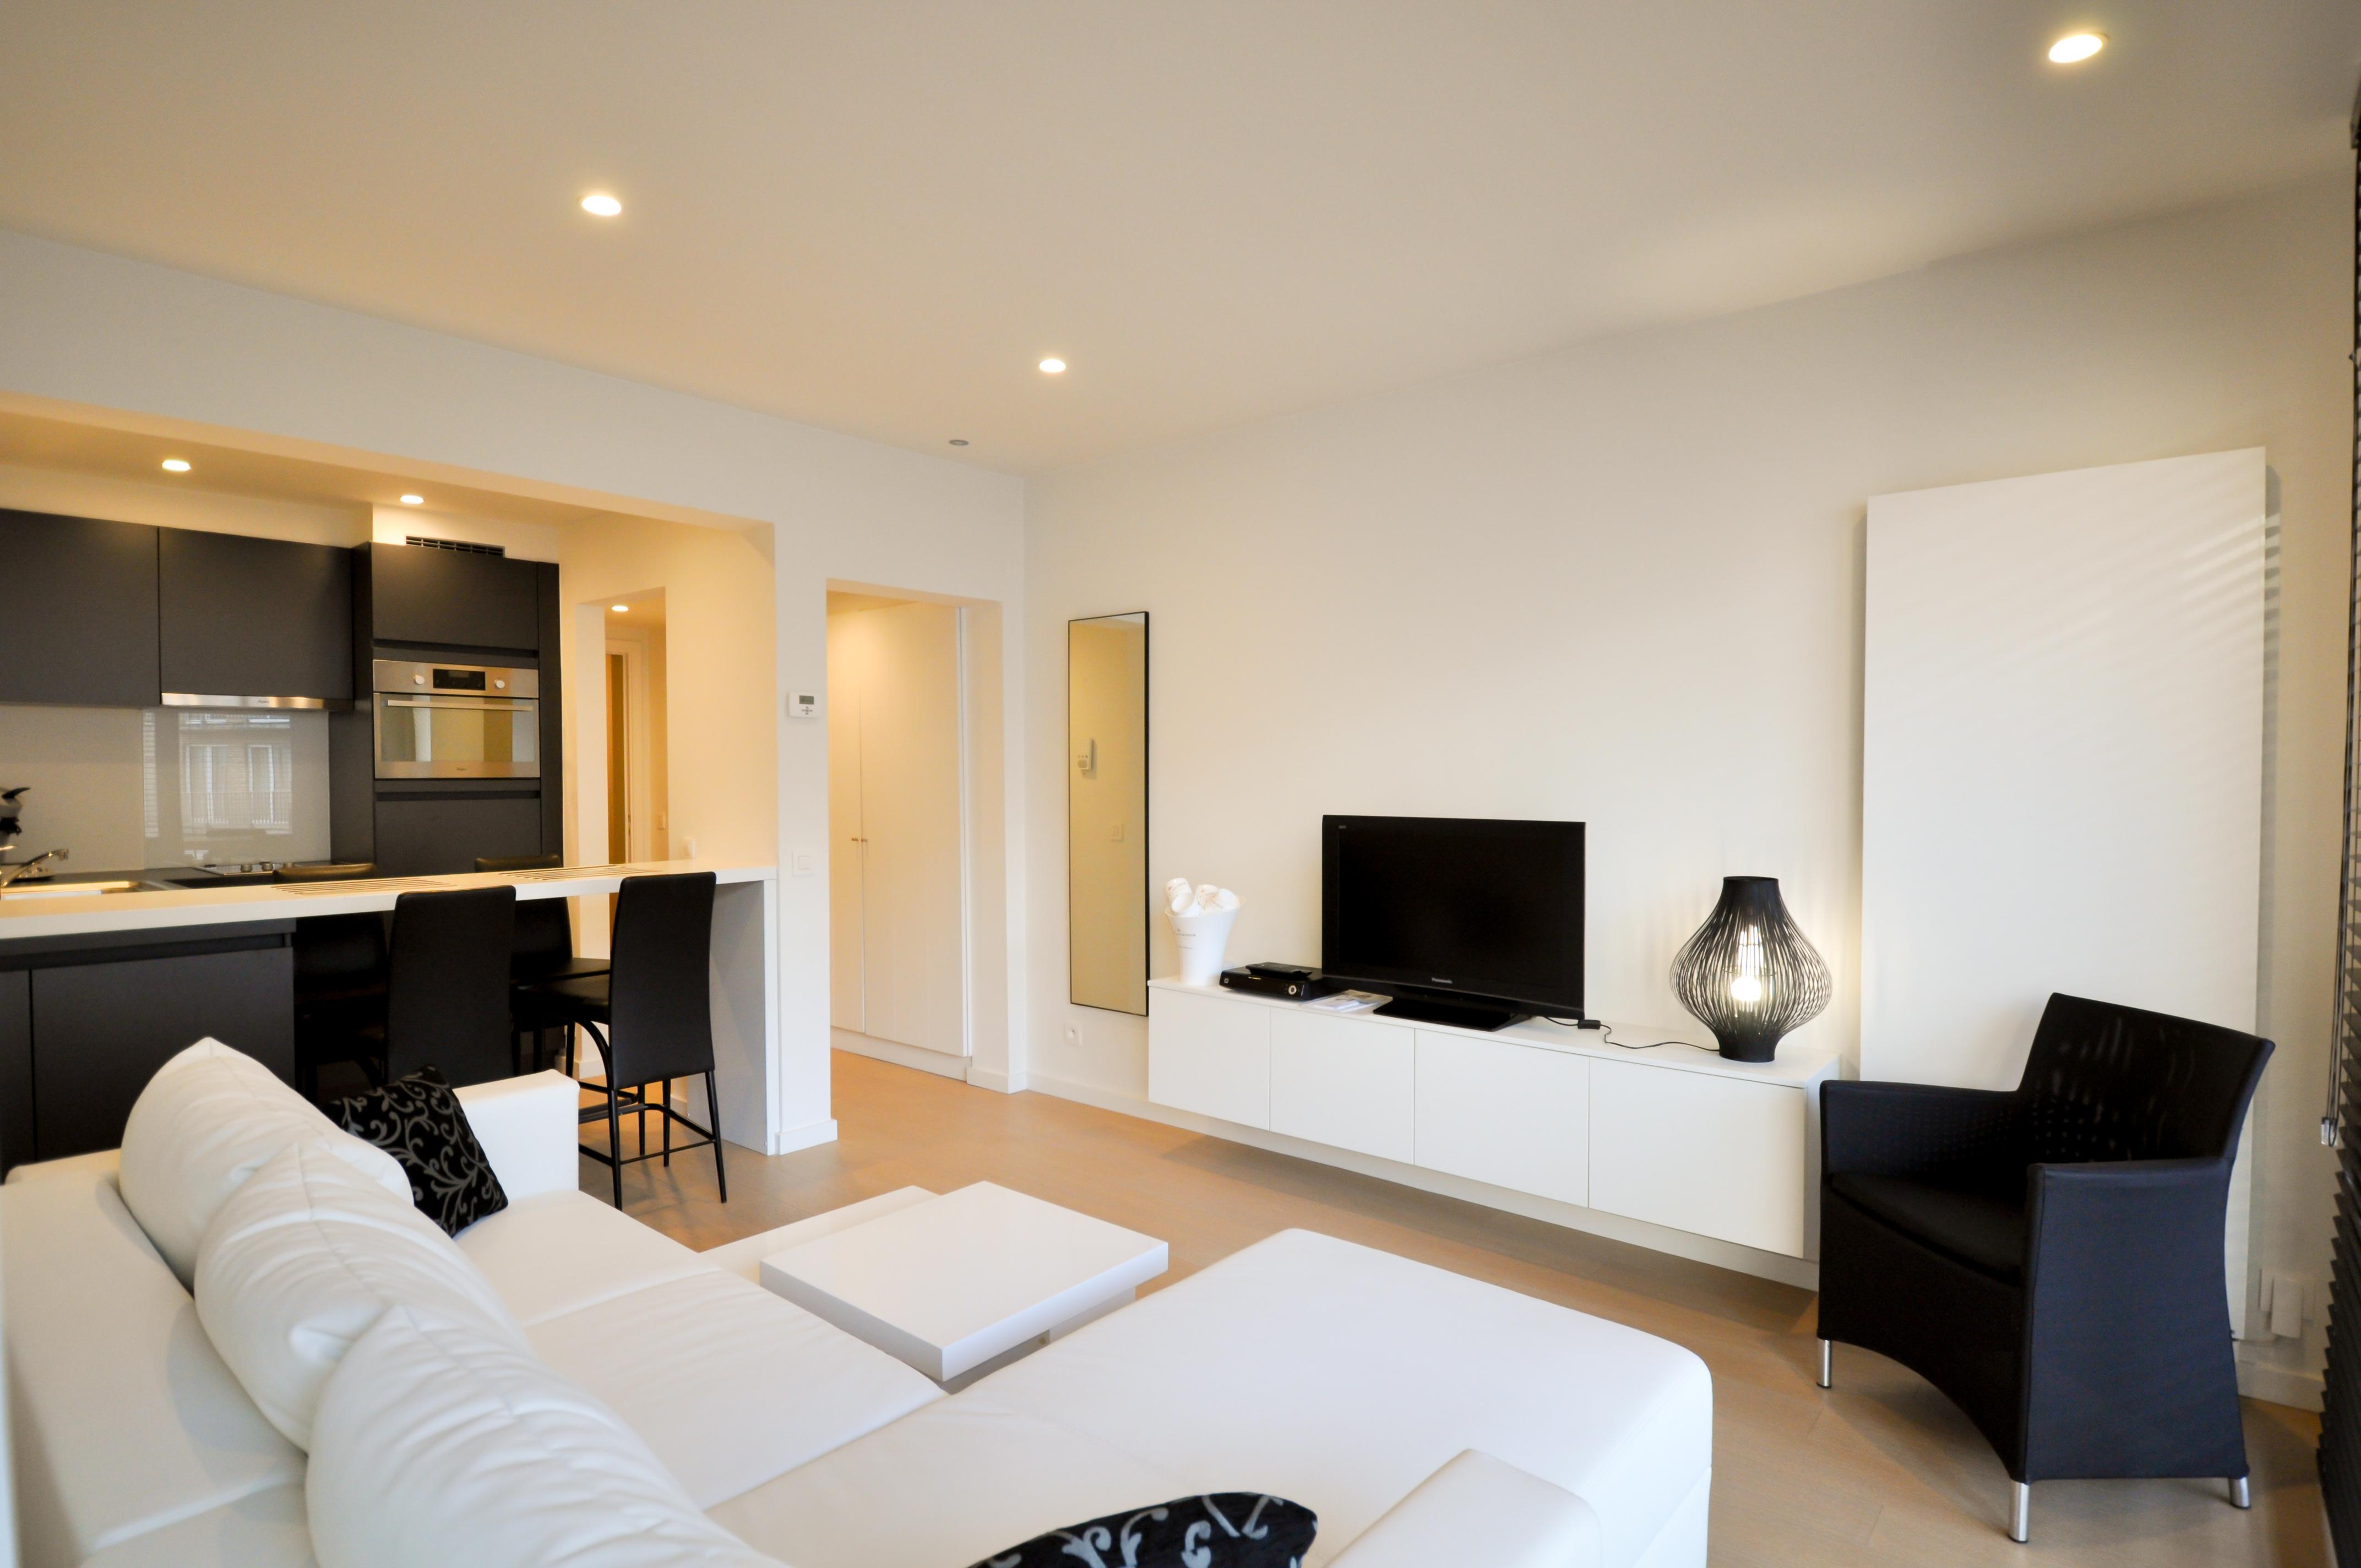 Recent gerenoveerd appartement met 1 slaapkamer, dichtbij de Zeedijk aan Albertstrand.